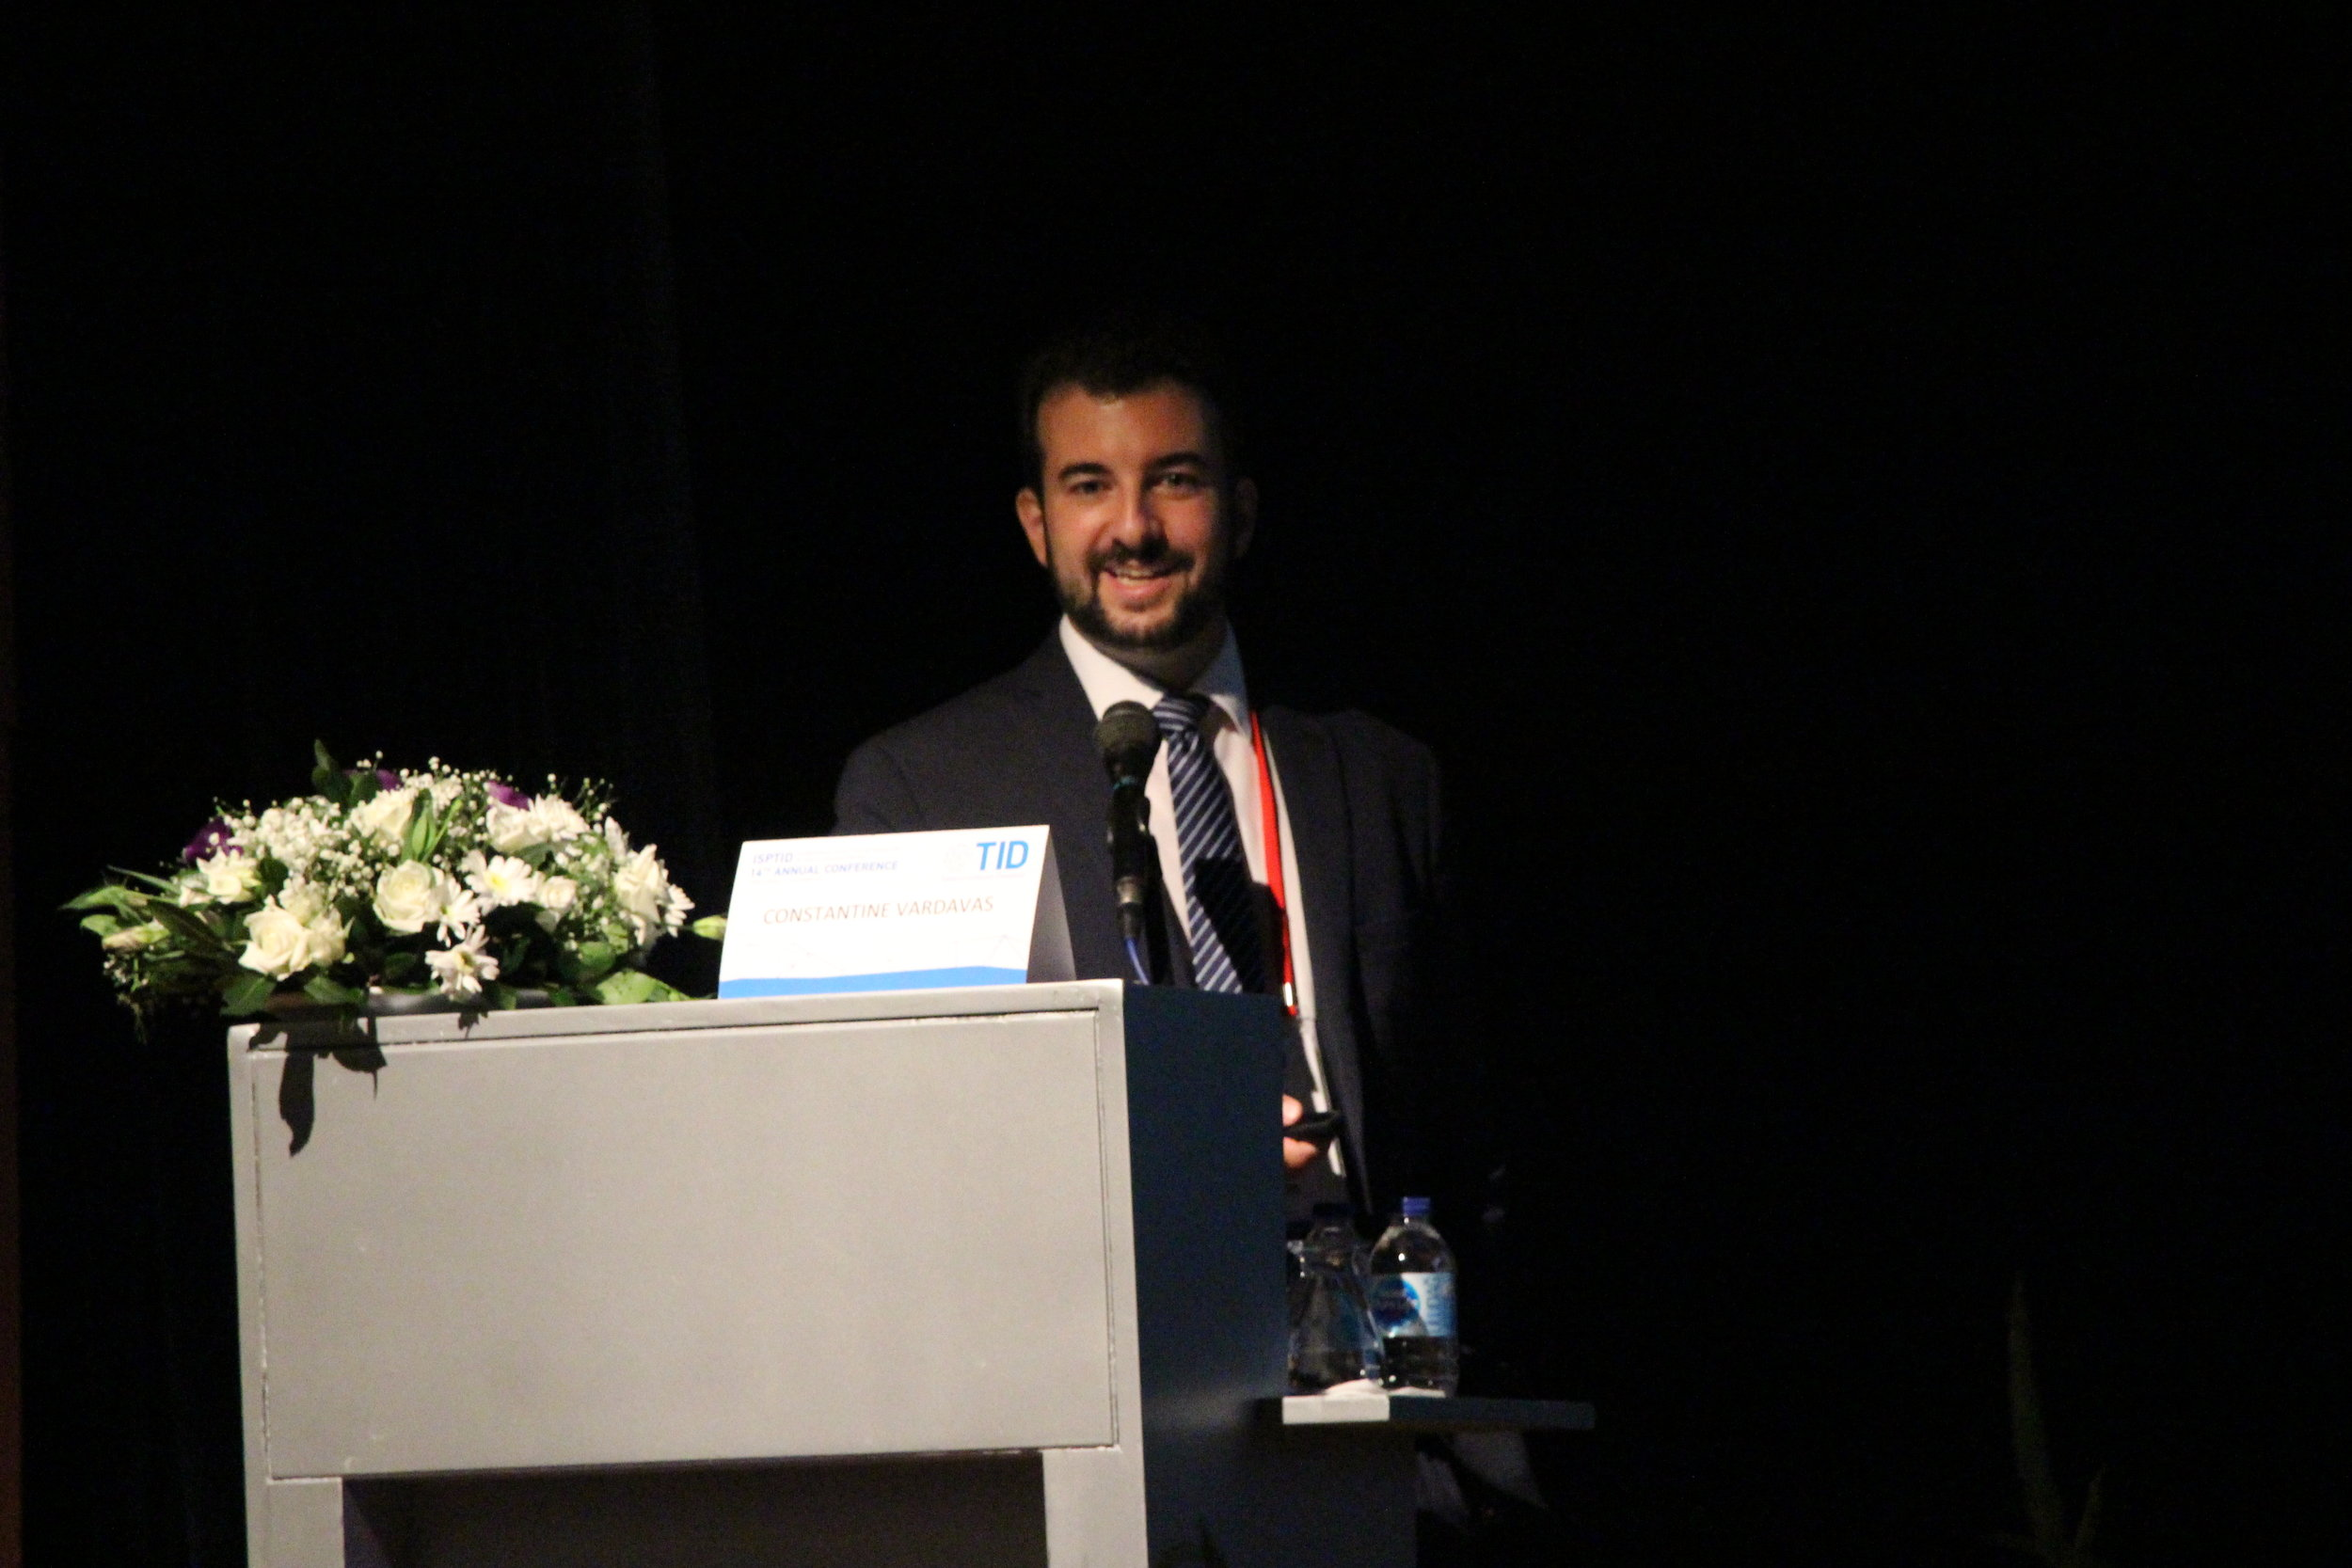 Ege Üniversitesi'nde ISPTID Kongresi Başladı-Prof. Dr. Constantine Vardavas.JPG